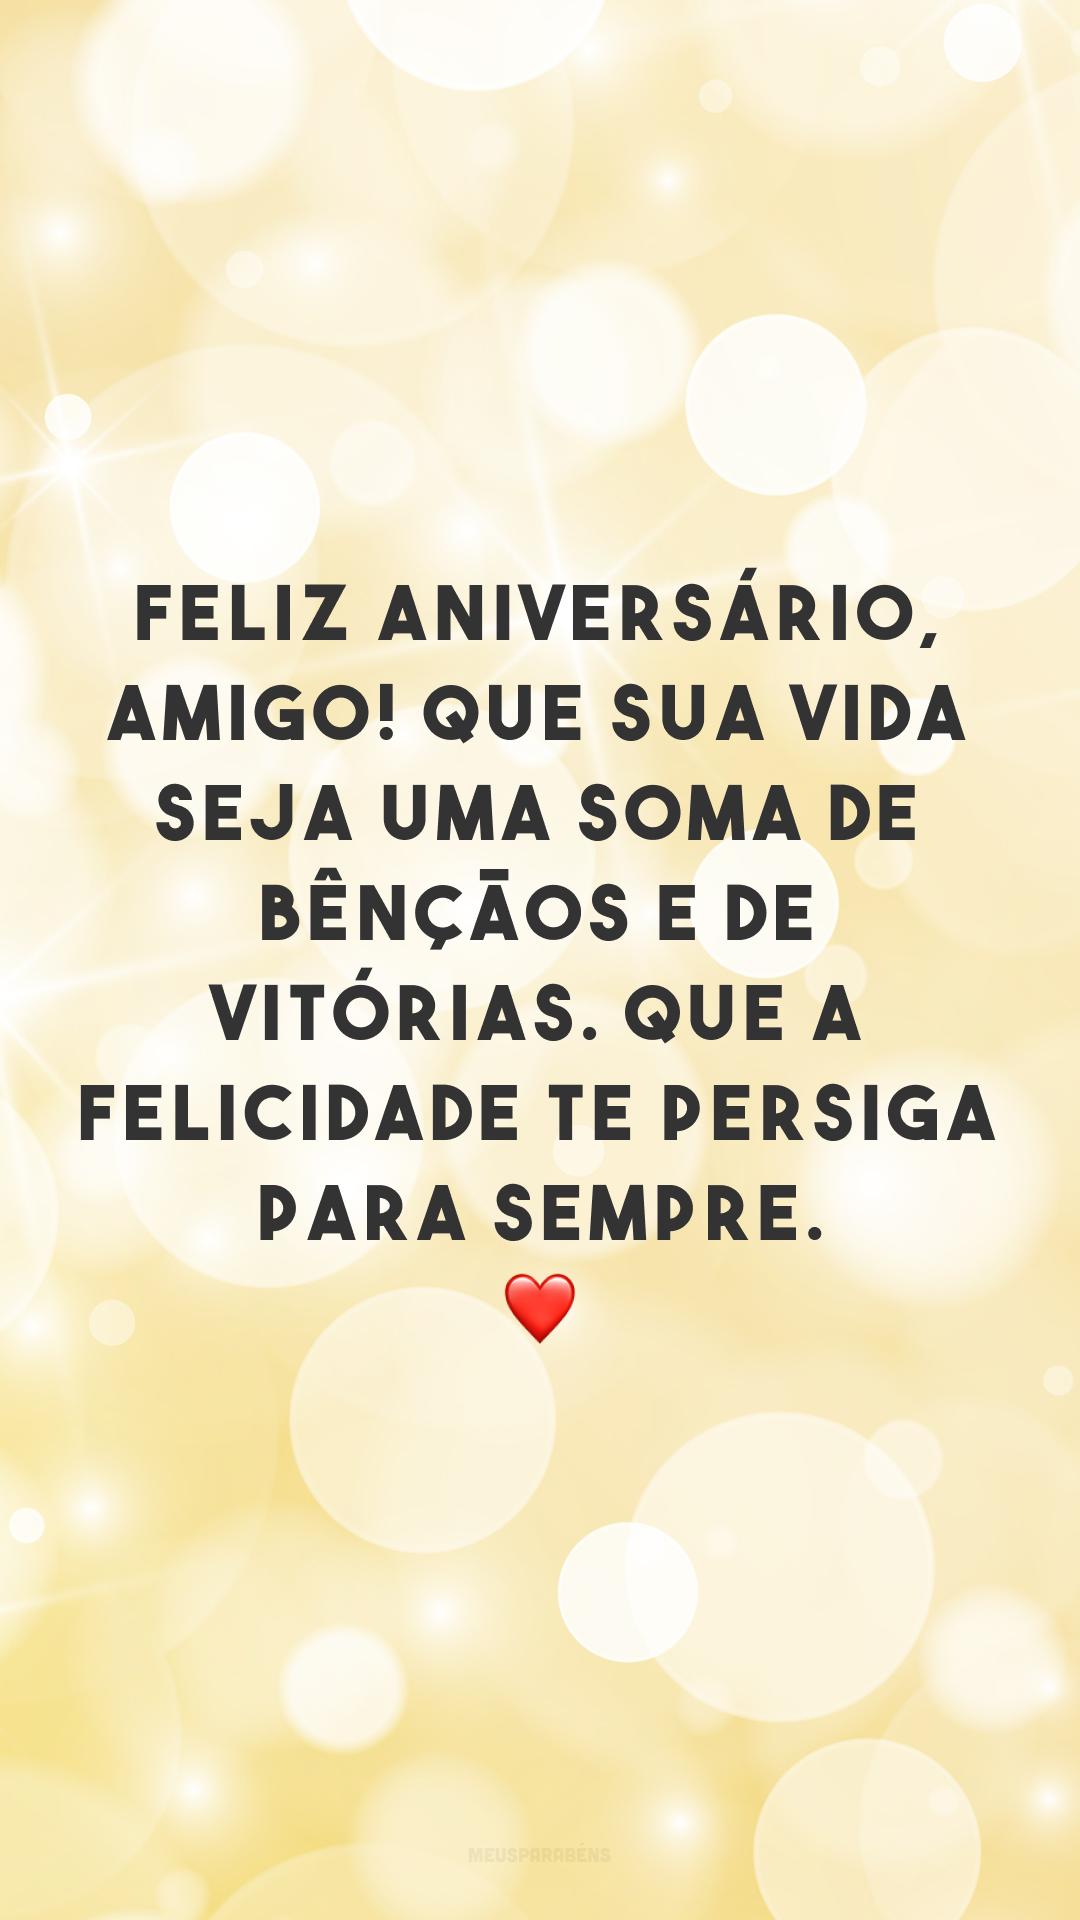 Feliz aniversário, amigo! Que sua vida seja uma soma de bênçãos e de vitórias. Que a felicidade te persiga para sempre. ❤